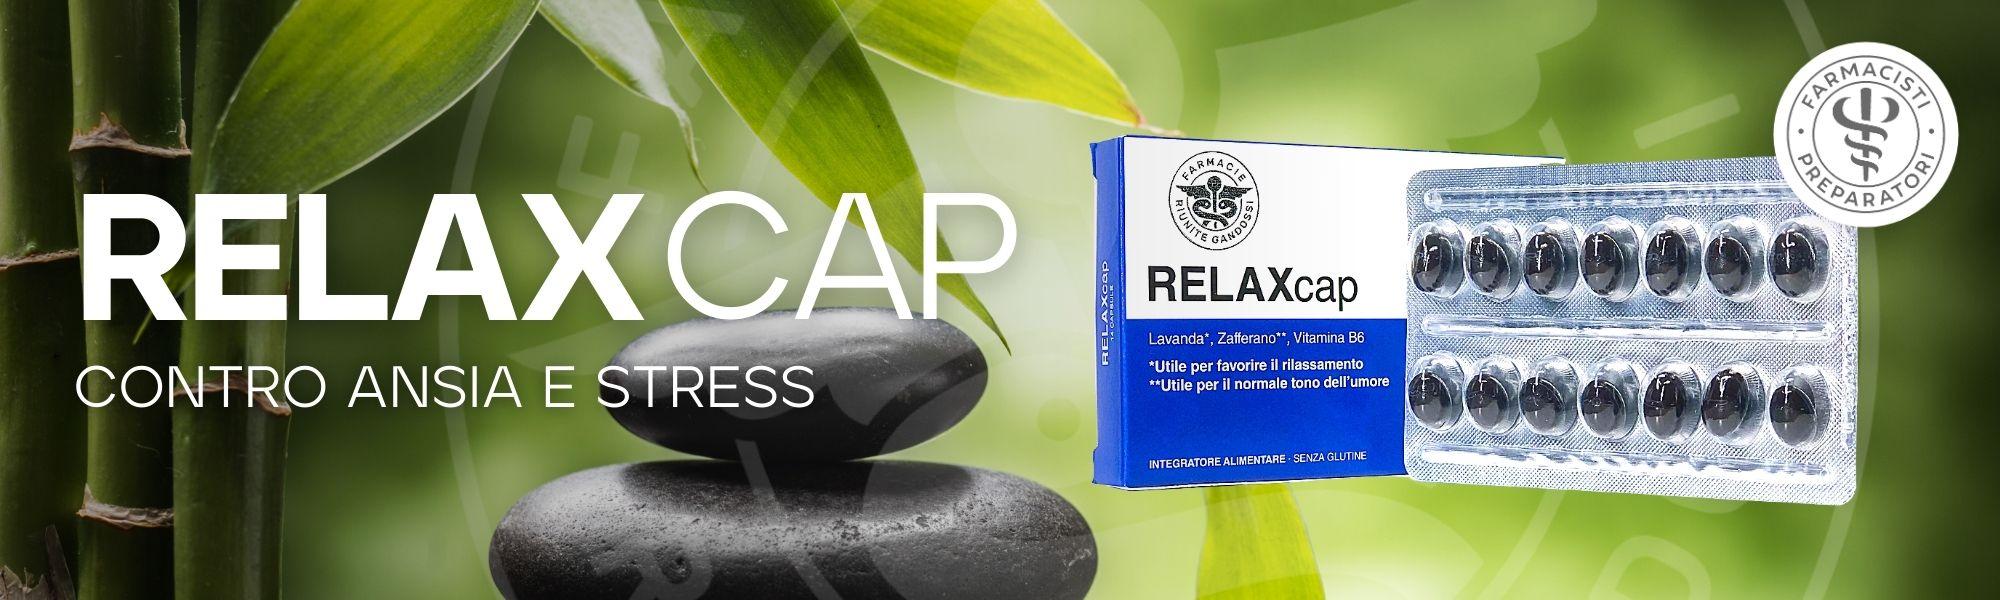 Relax Cap Farmacisti Preparatori